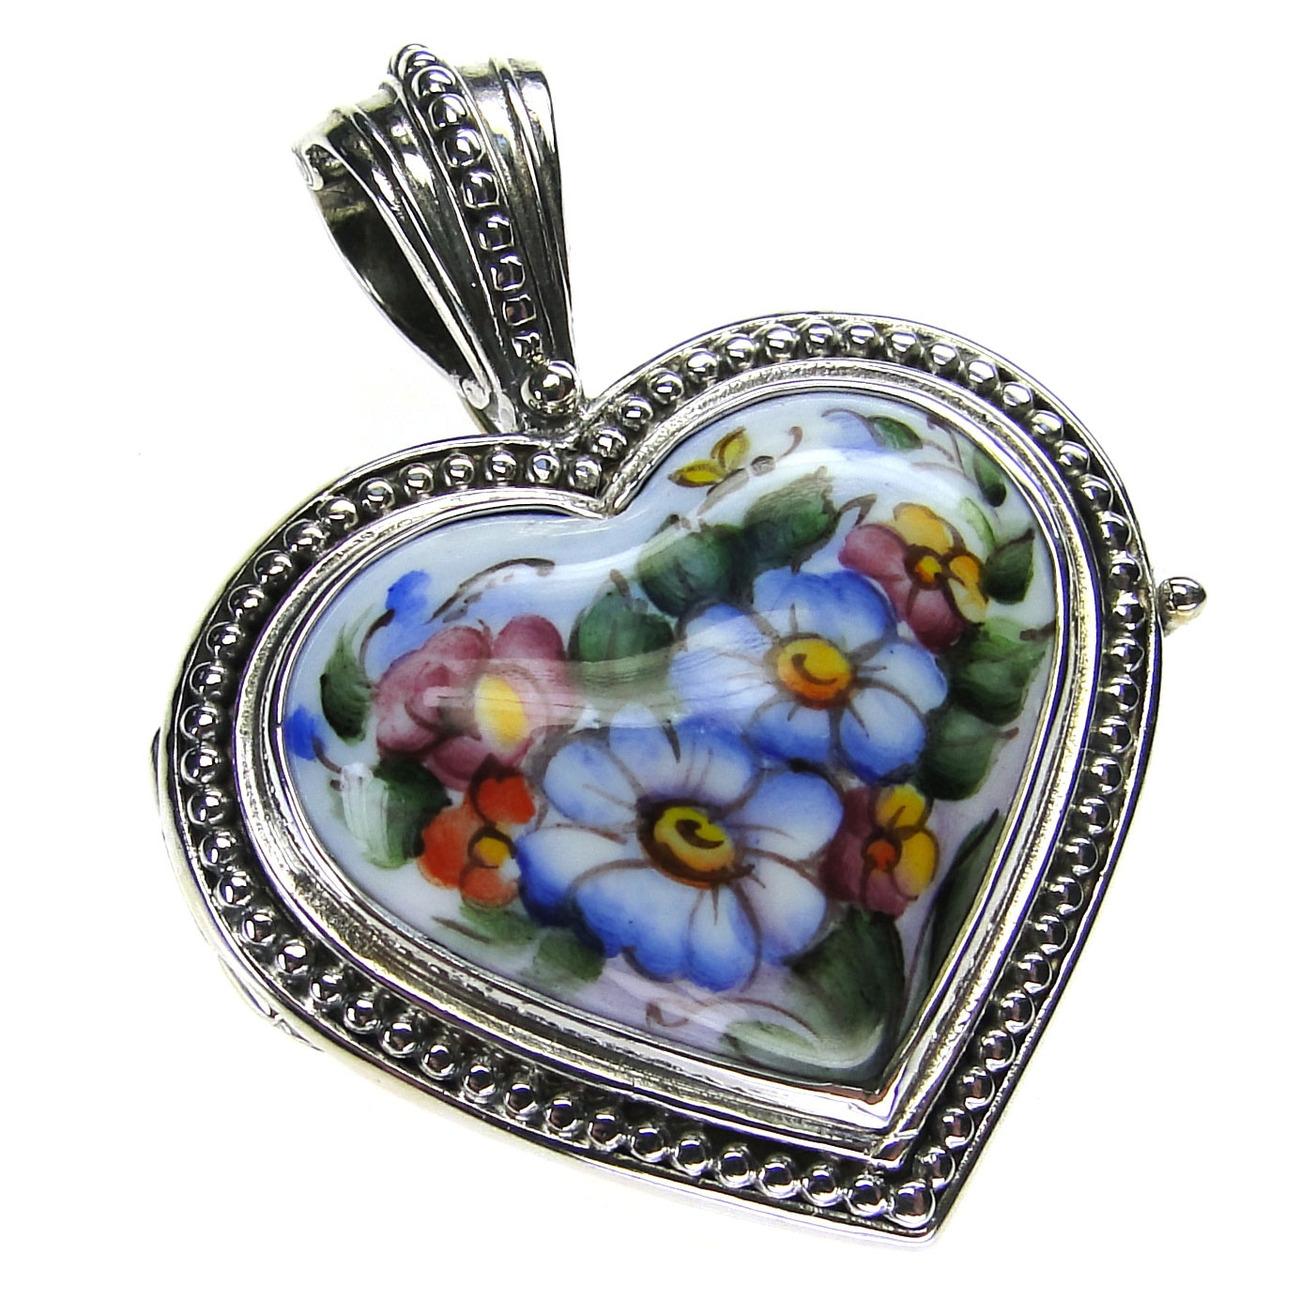 02003425 gerochristo 3425 silver porcelain heart locket pendant 1